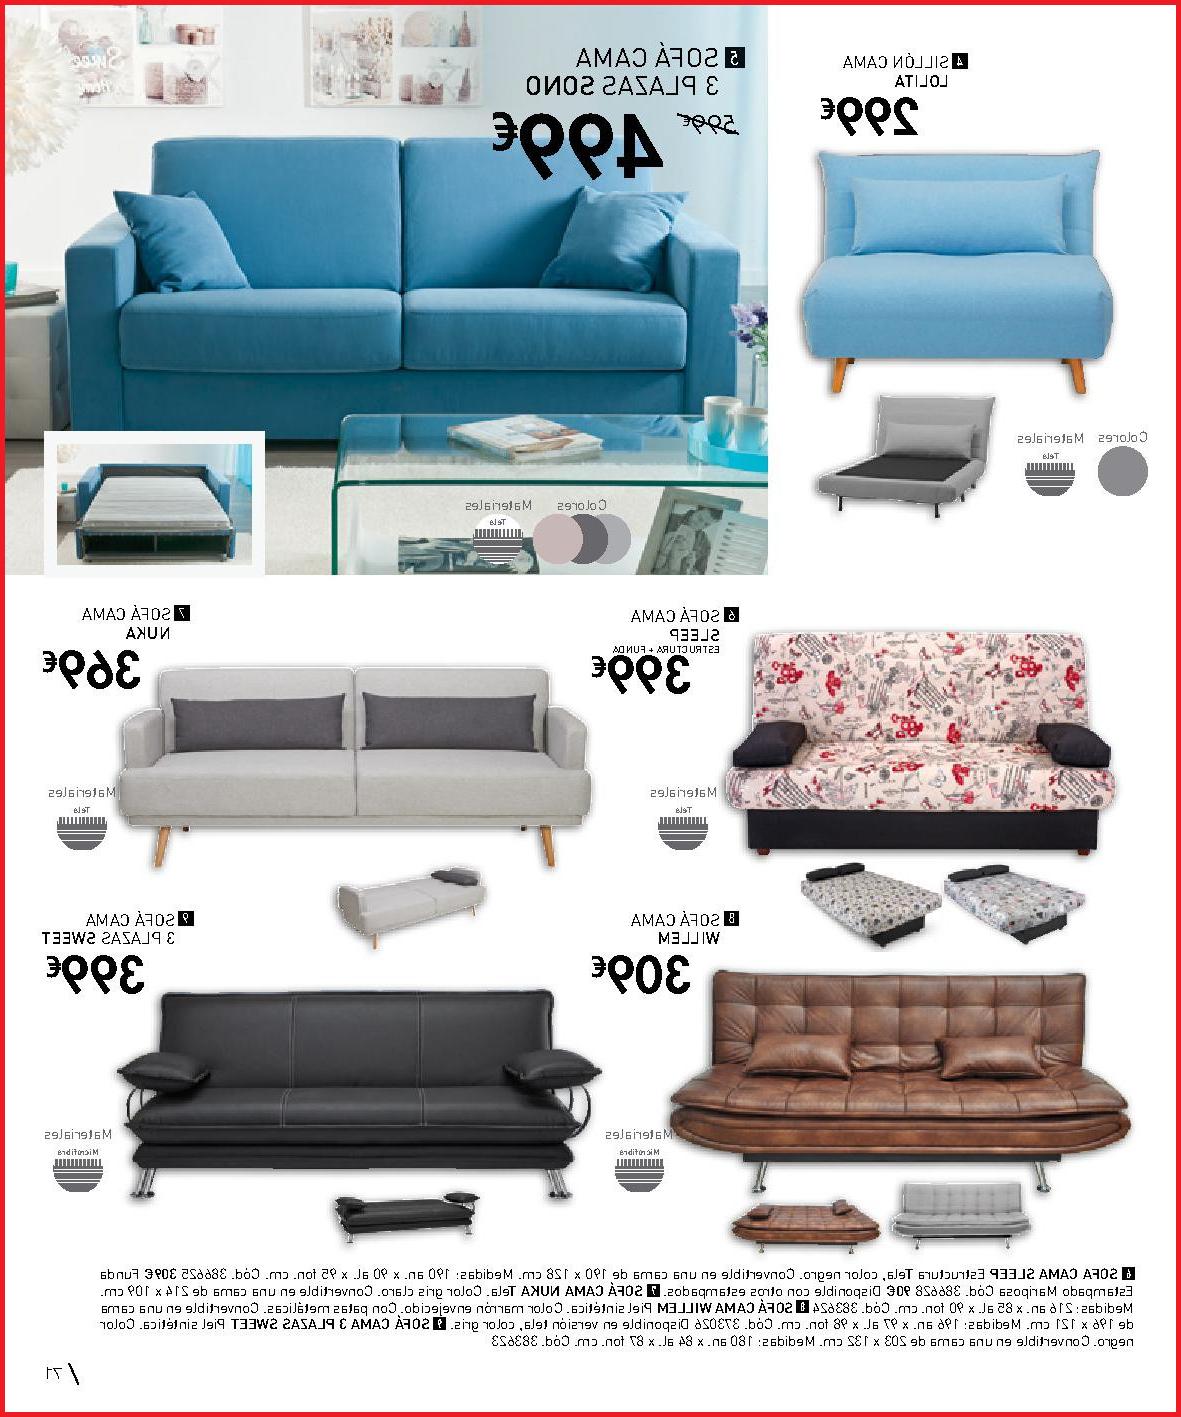 Conforama sofas Ofertas Mndw Ofertas sofa Cama Catà Logo Conforama 2018 sofà S Cama